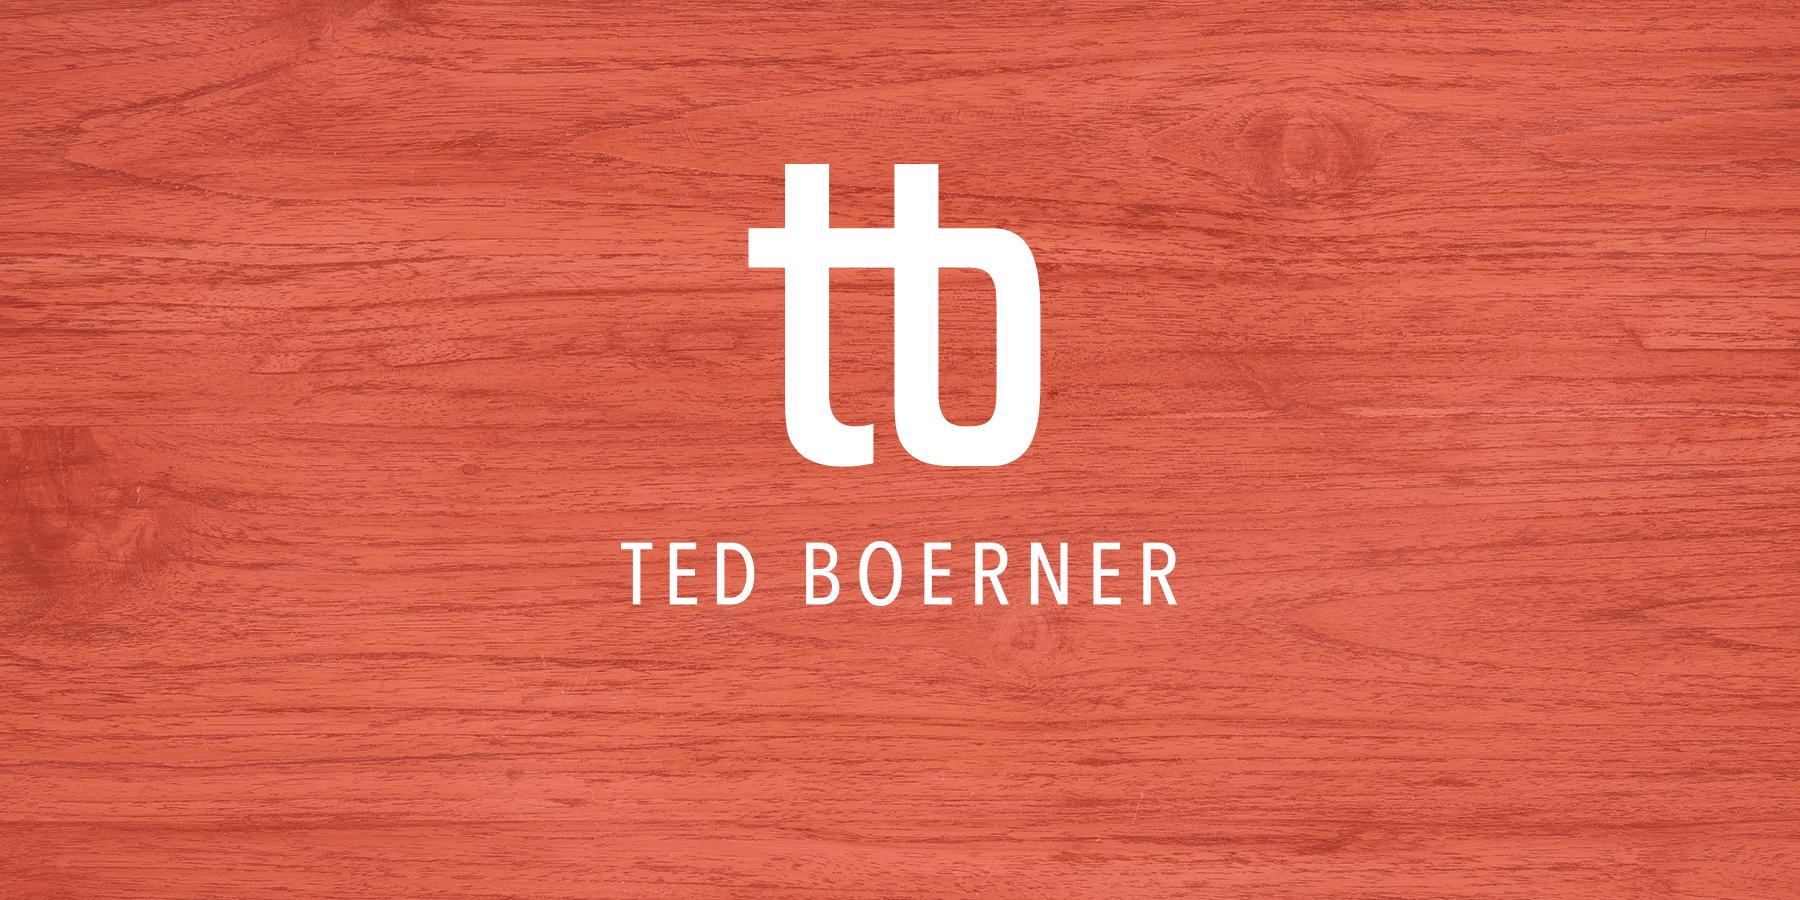 ted-boerner-header